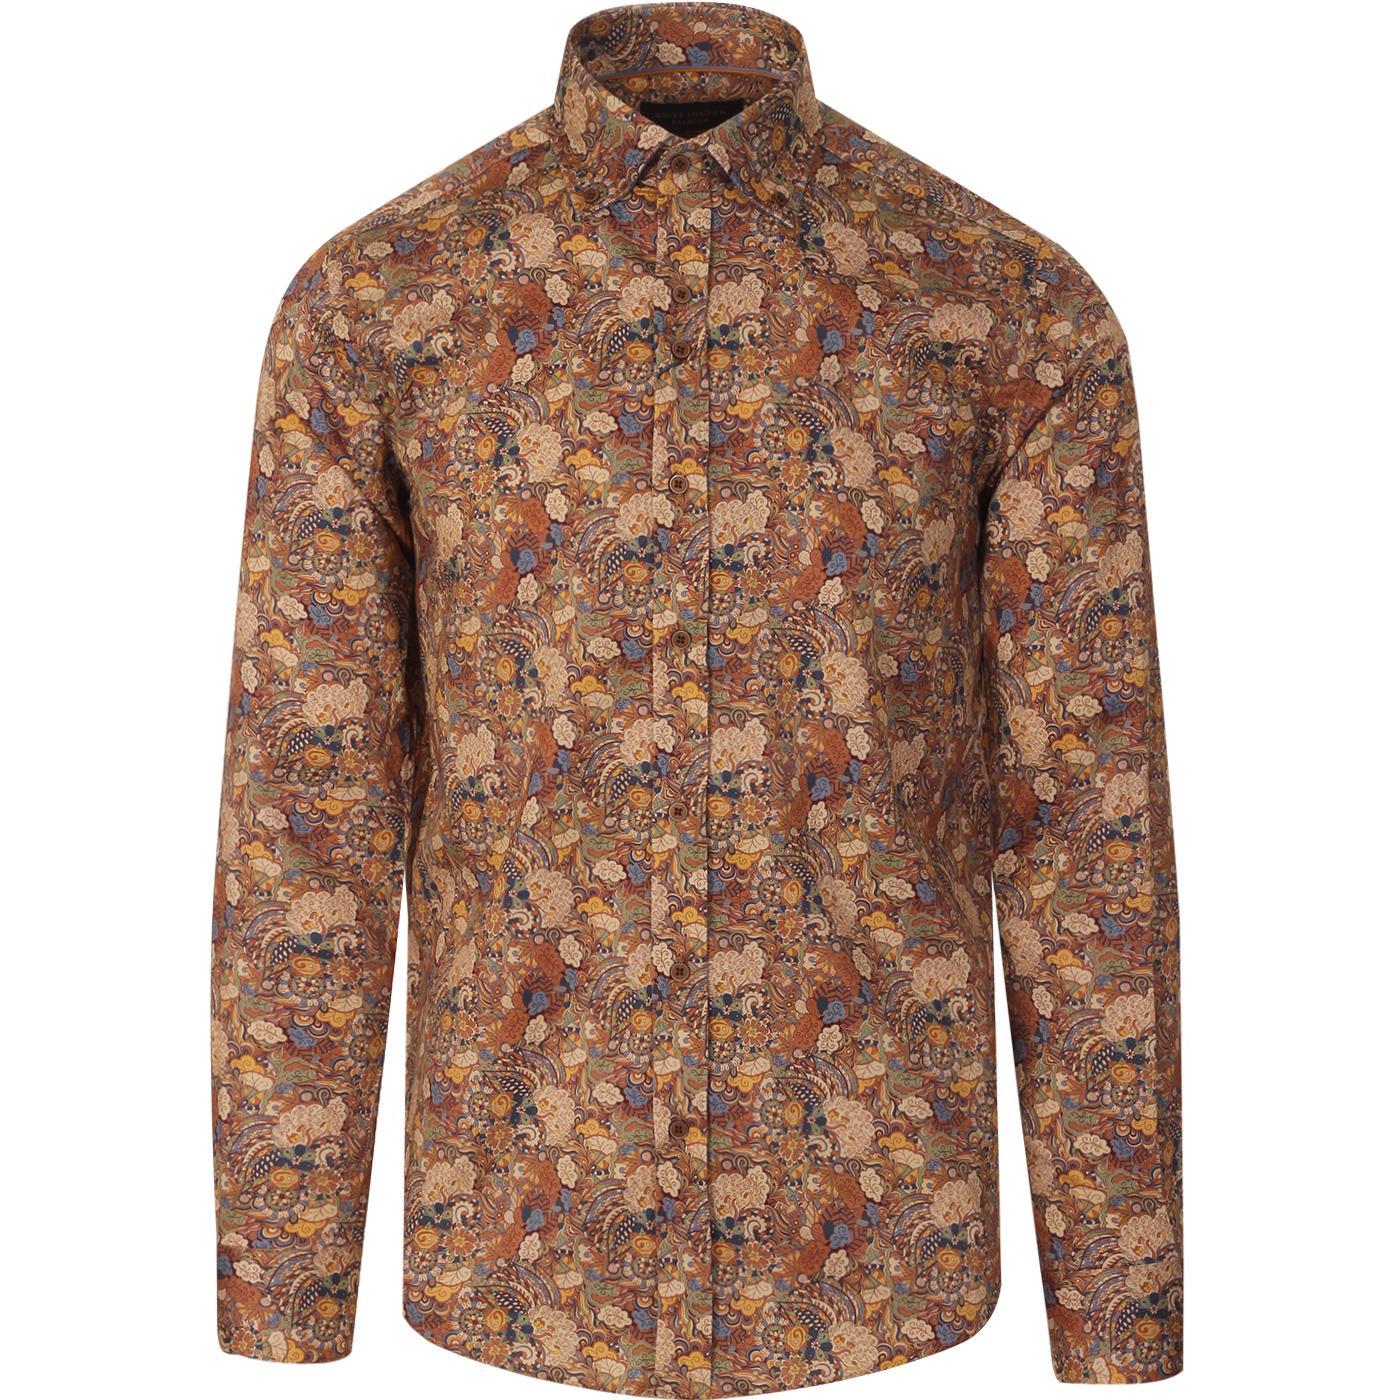 GUIDE LONDON Mod Vintage Floral Paisley Shirt